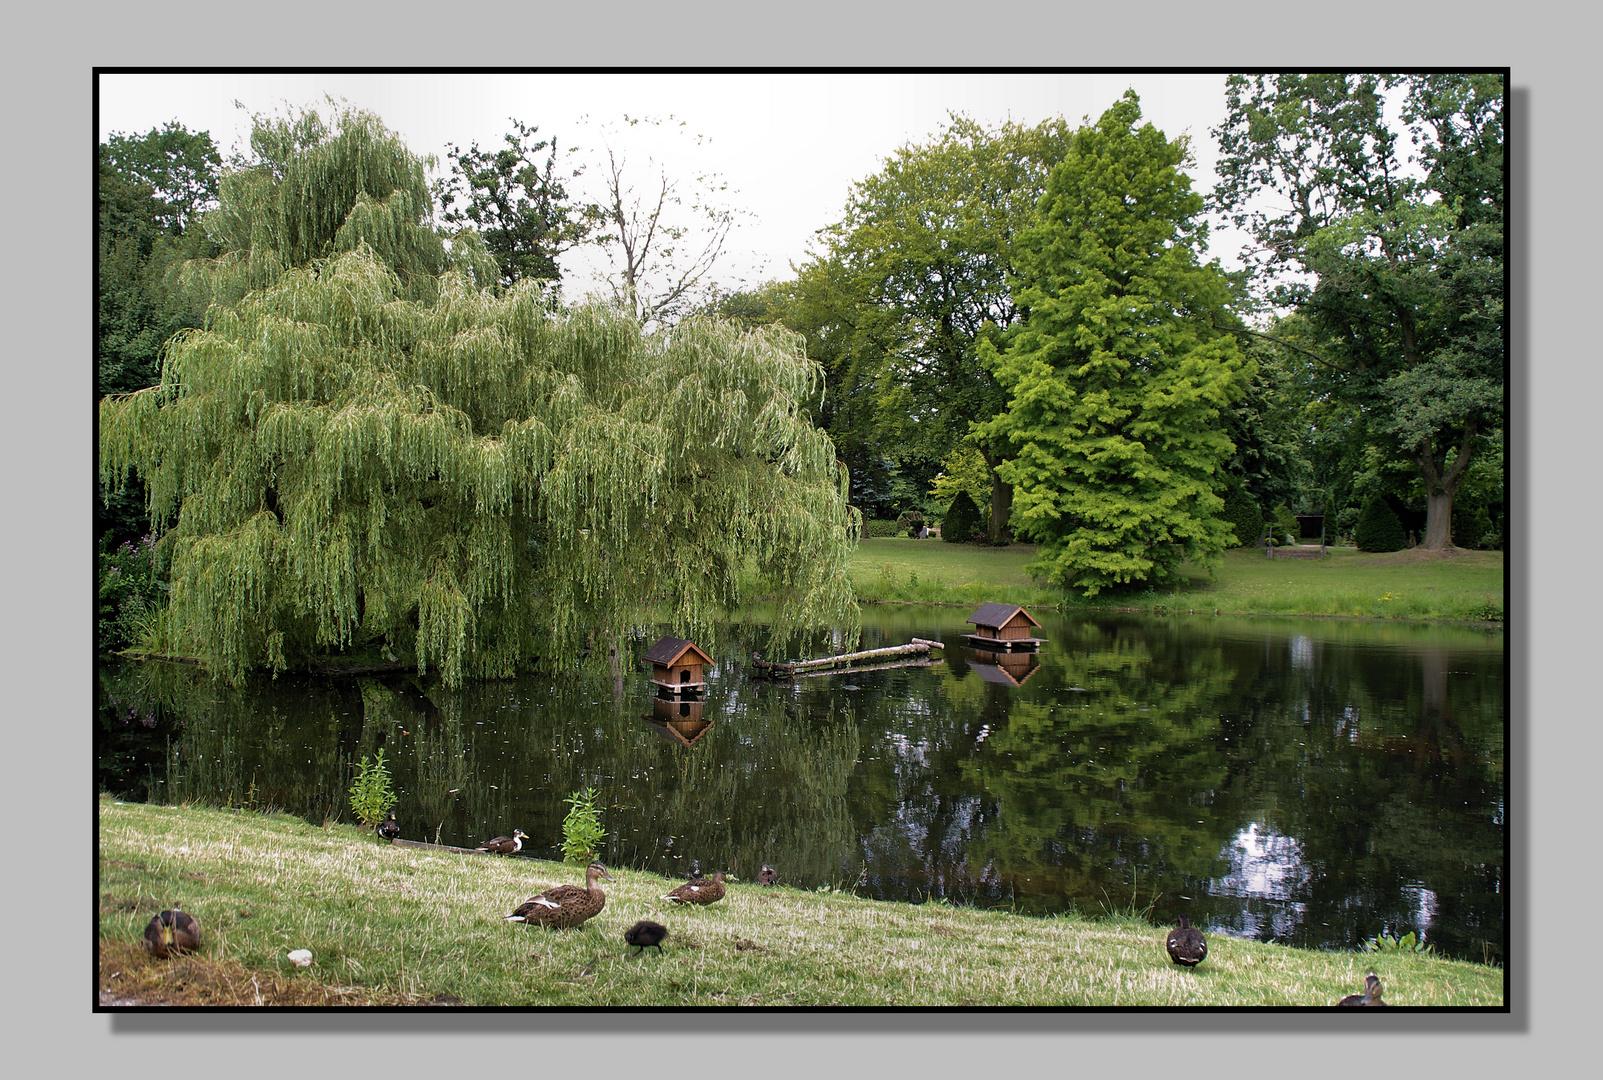 So schöne Teichanlage